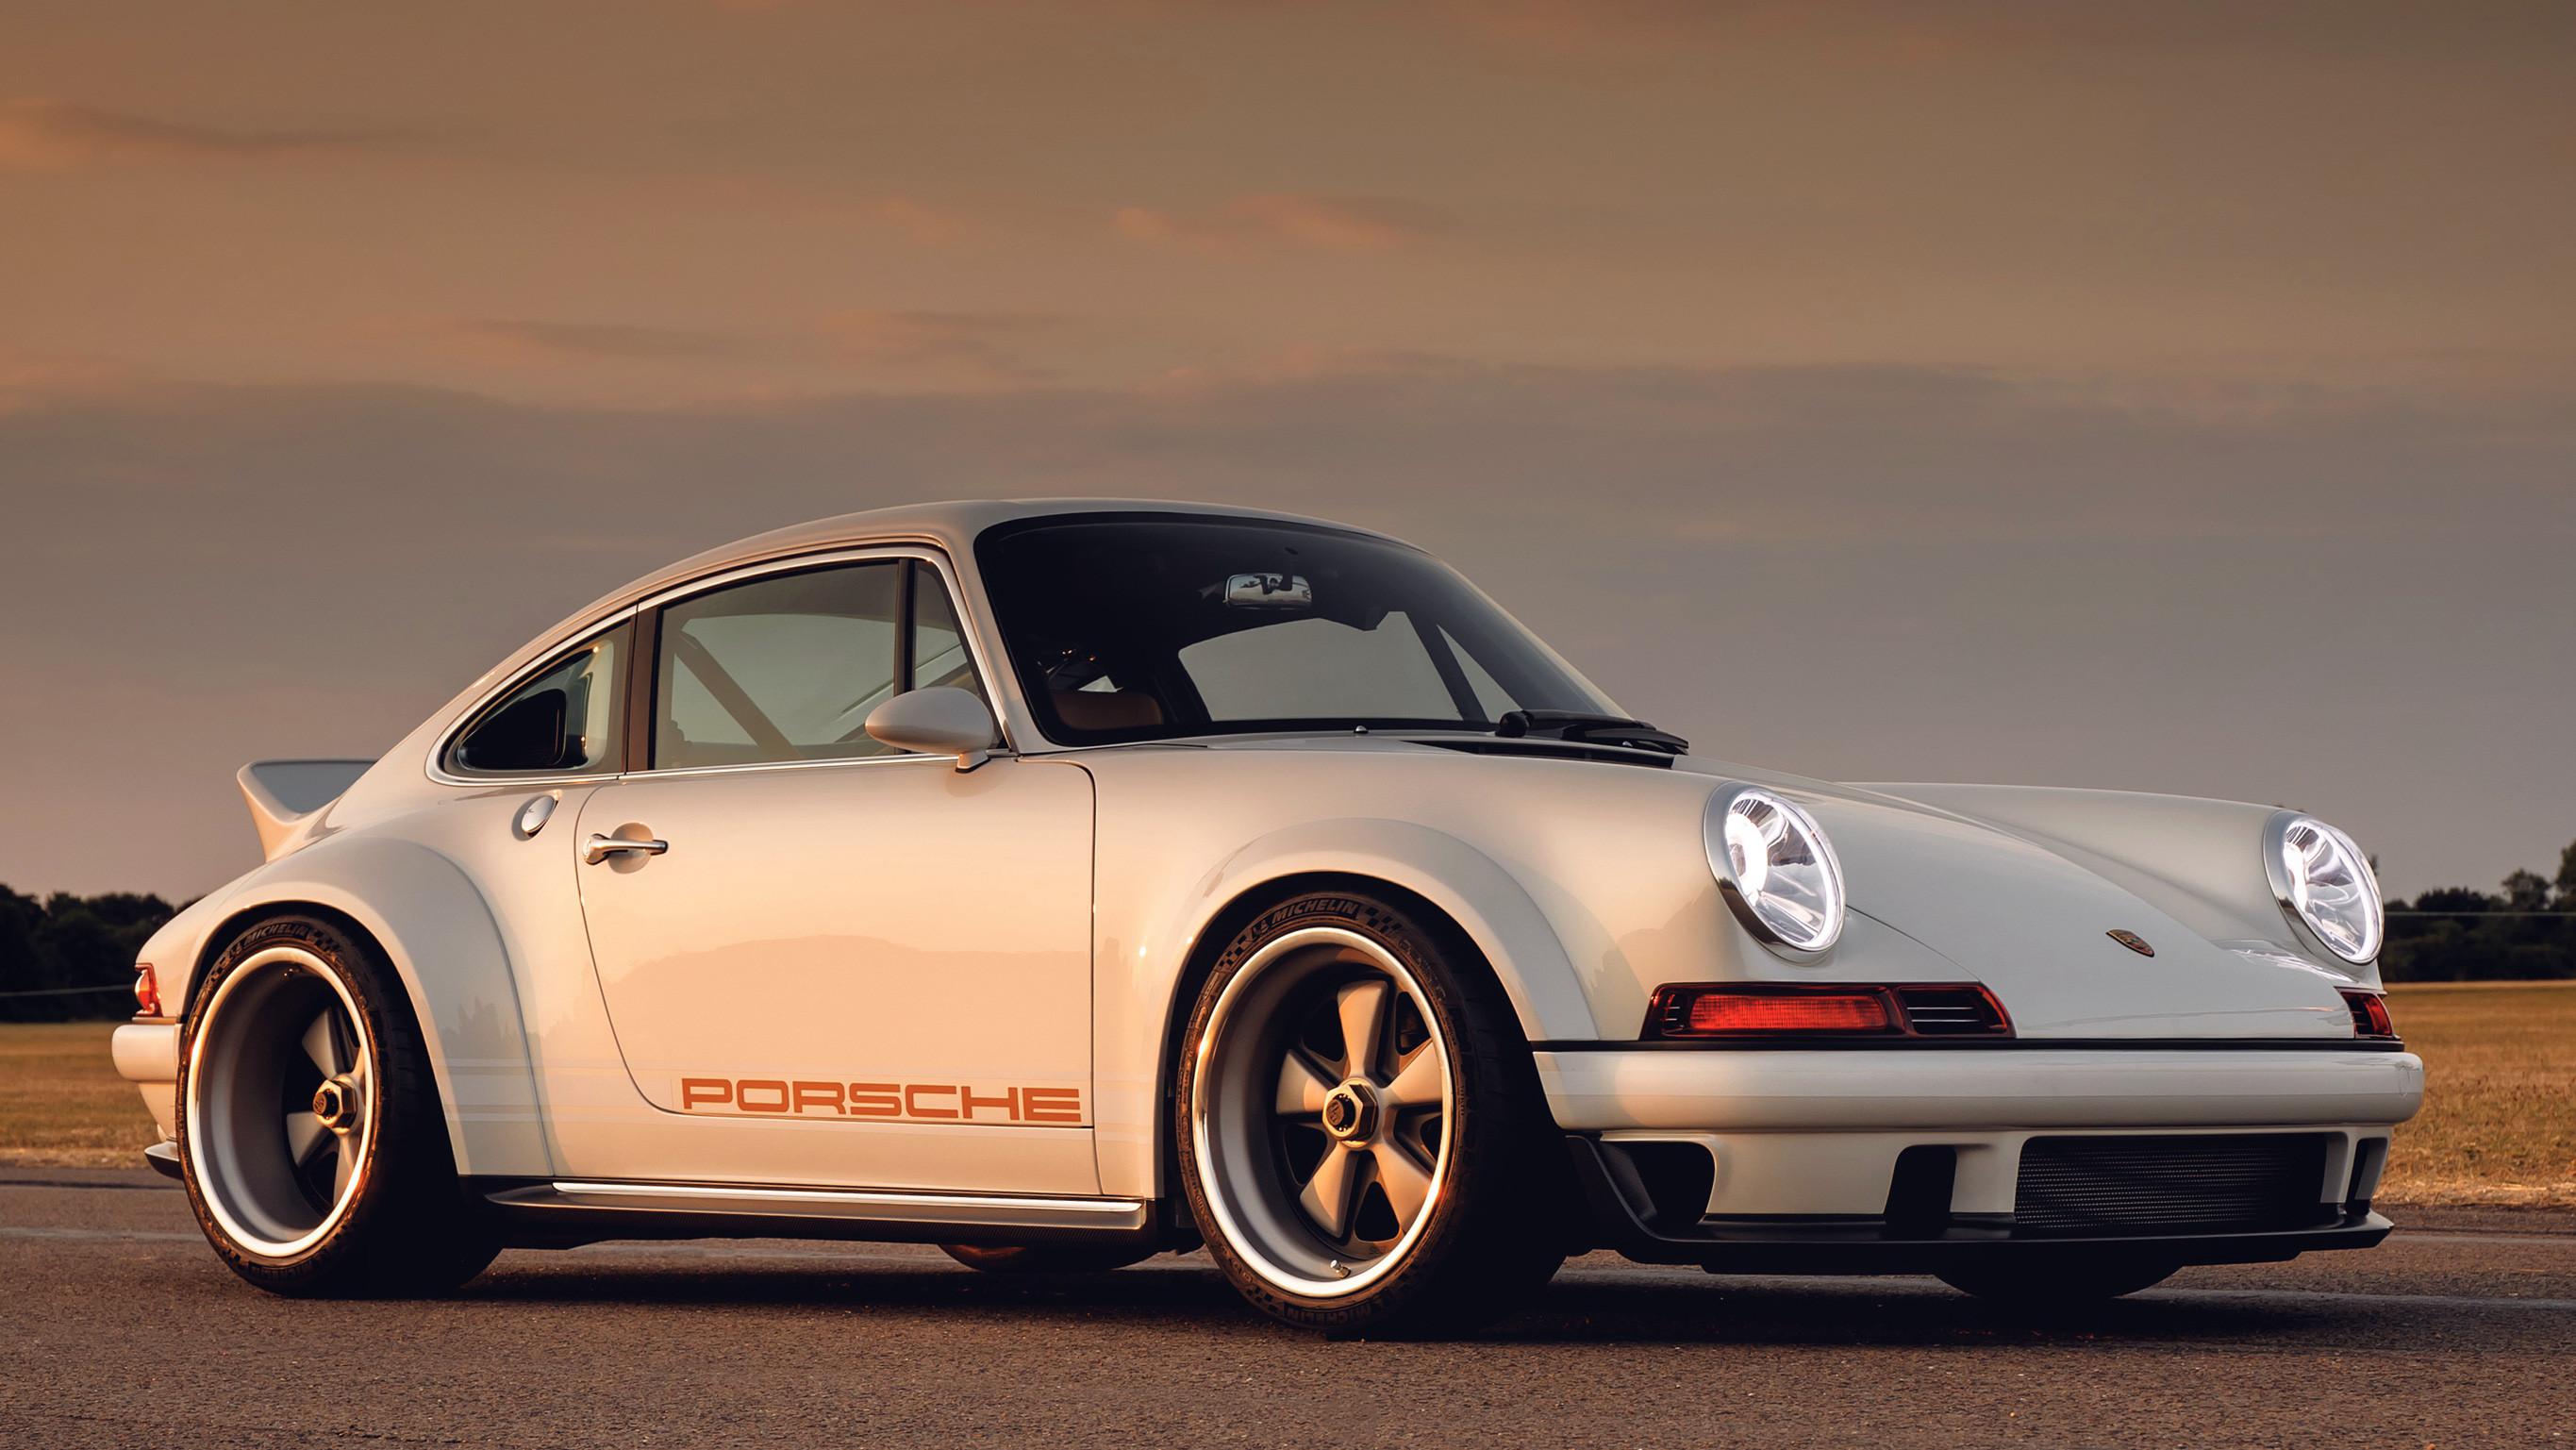 Porsche Singer Vehicle Design Dls   Data Src Download - Singer And Williams Porsche - HD Wallpaper